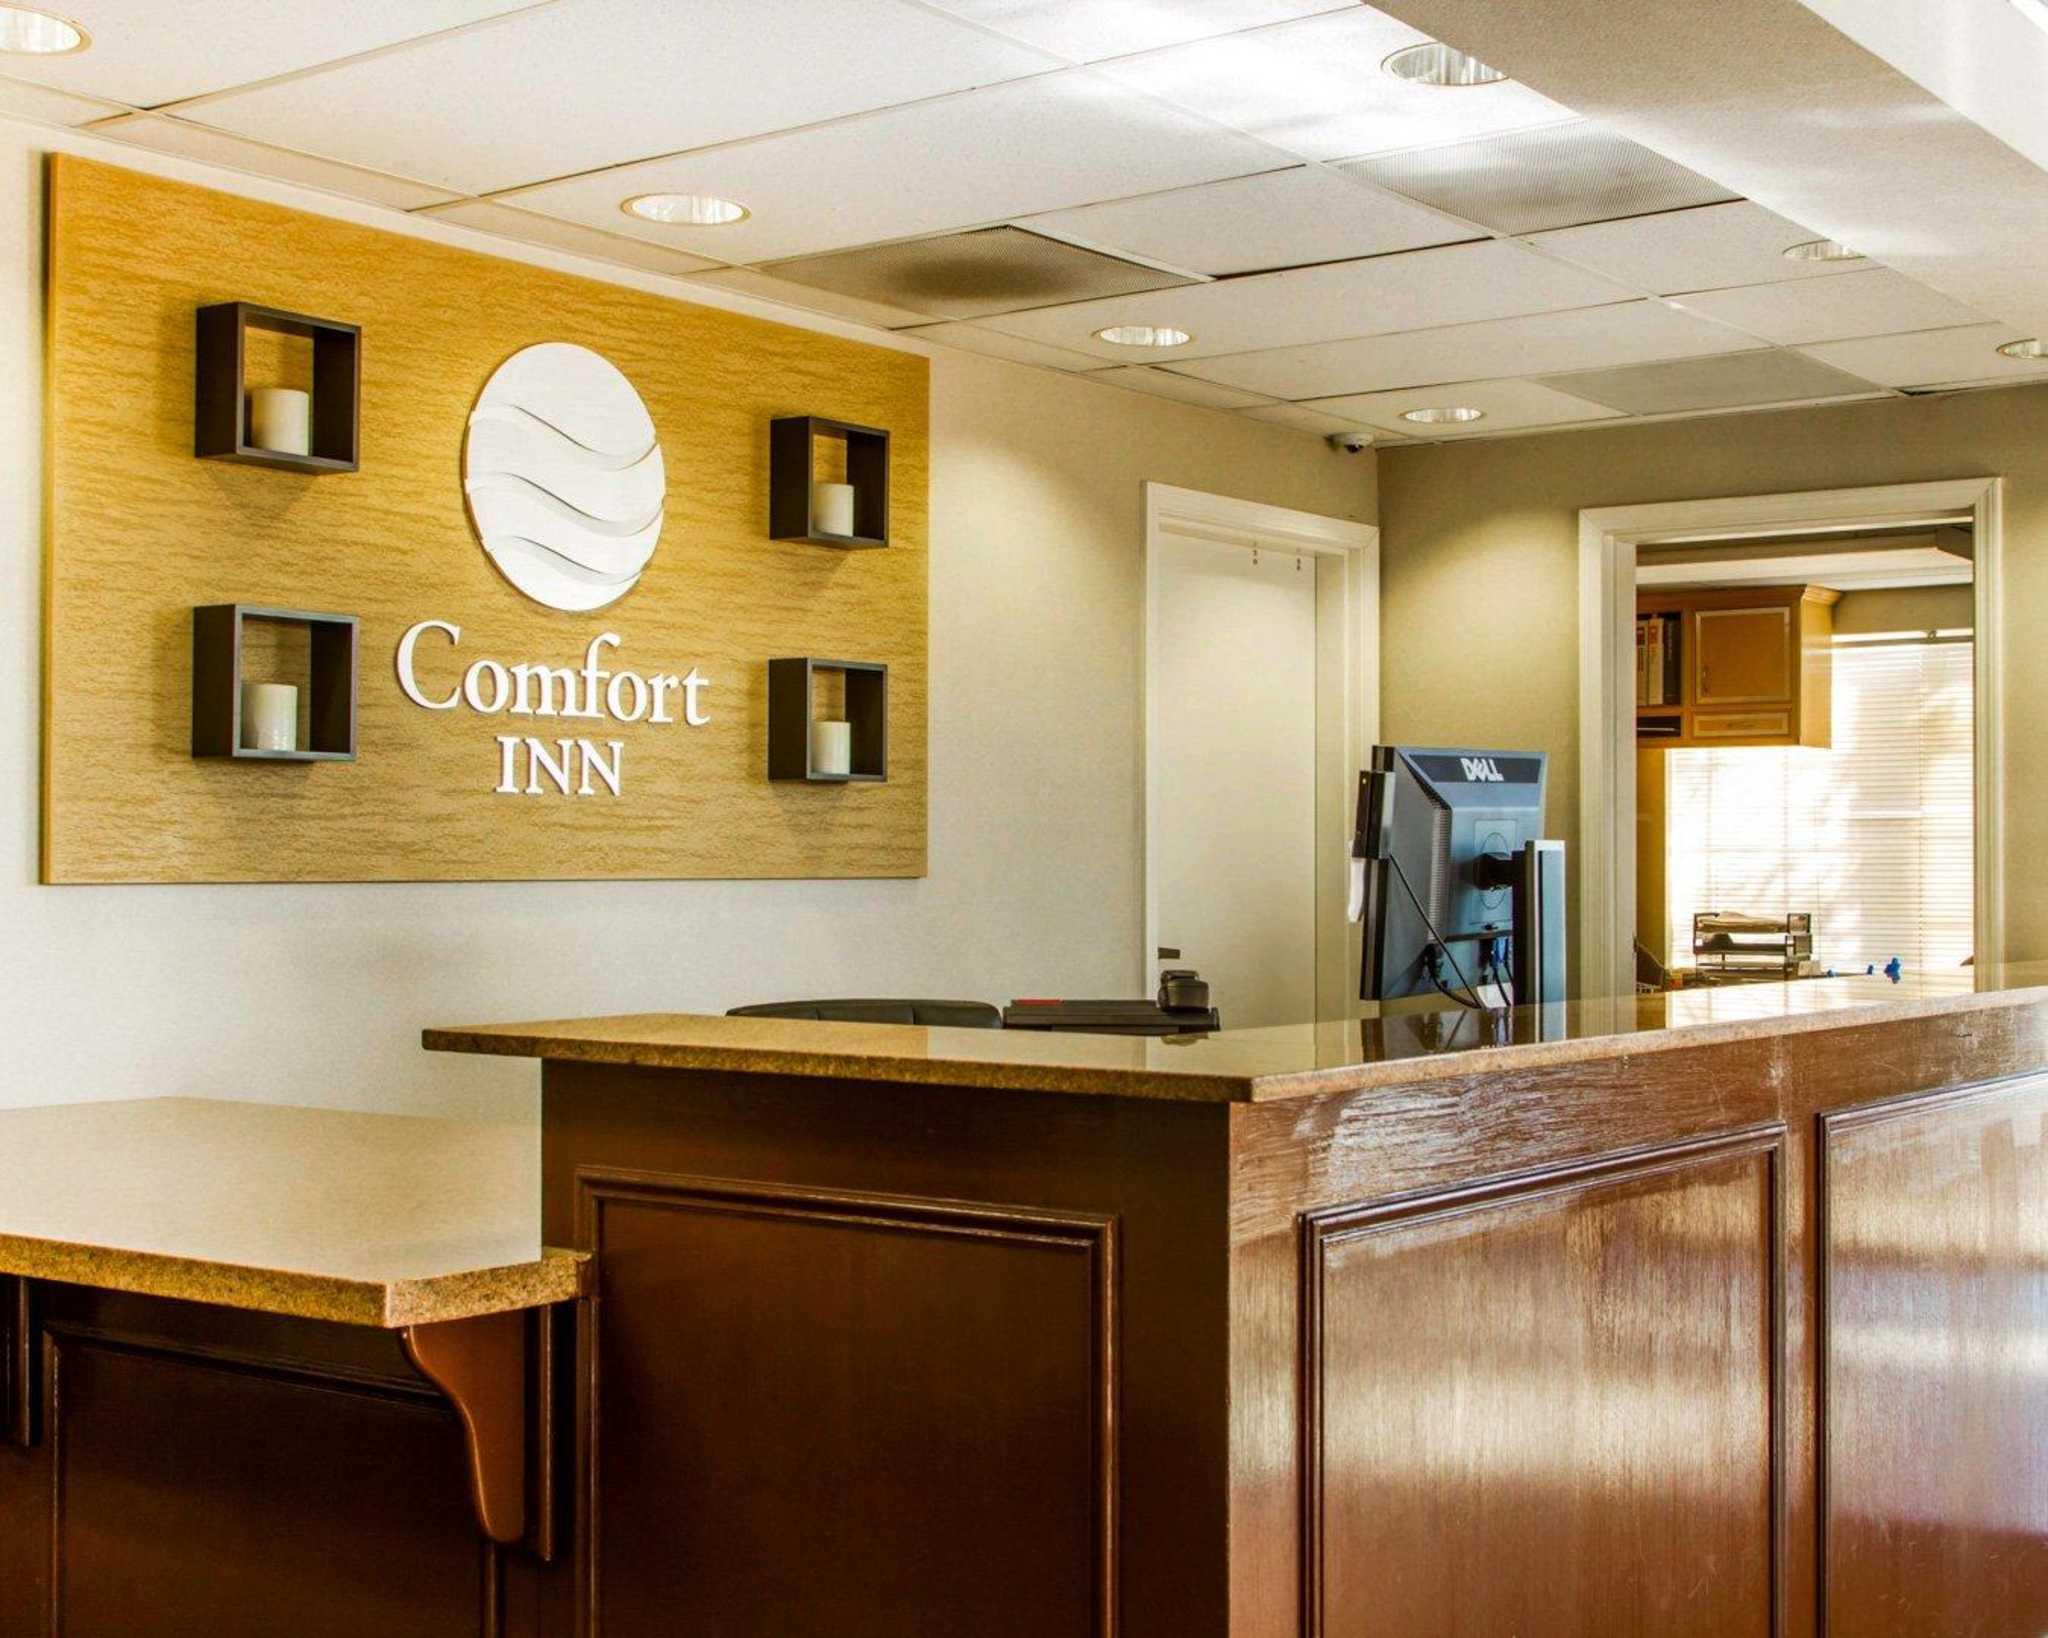 Comfort Inn image 17